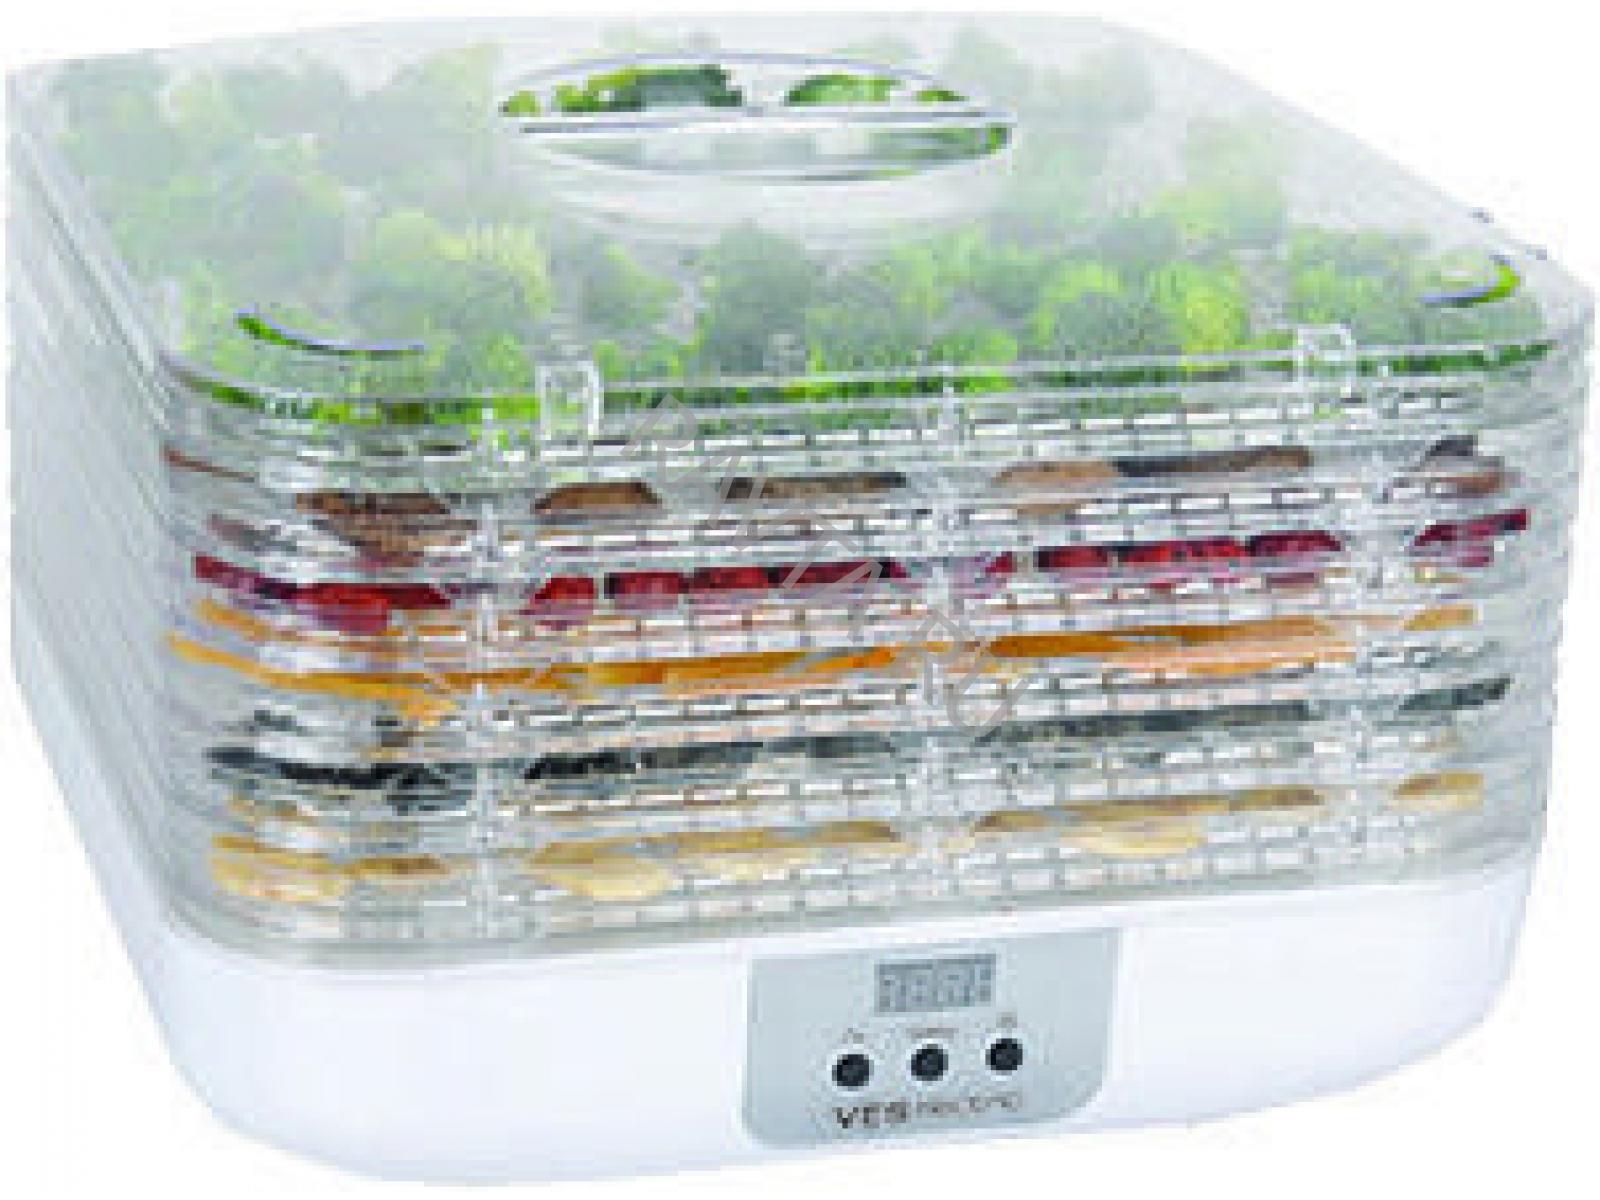 Сушилка для овощей VES VMD 7Домашние помощники<br><br><br>Тип: сушилка для овощей<br>Мощность, Вт.: 350<br>Объем: 6 чаш<br>Цвет: белый